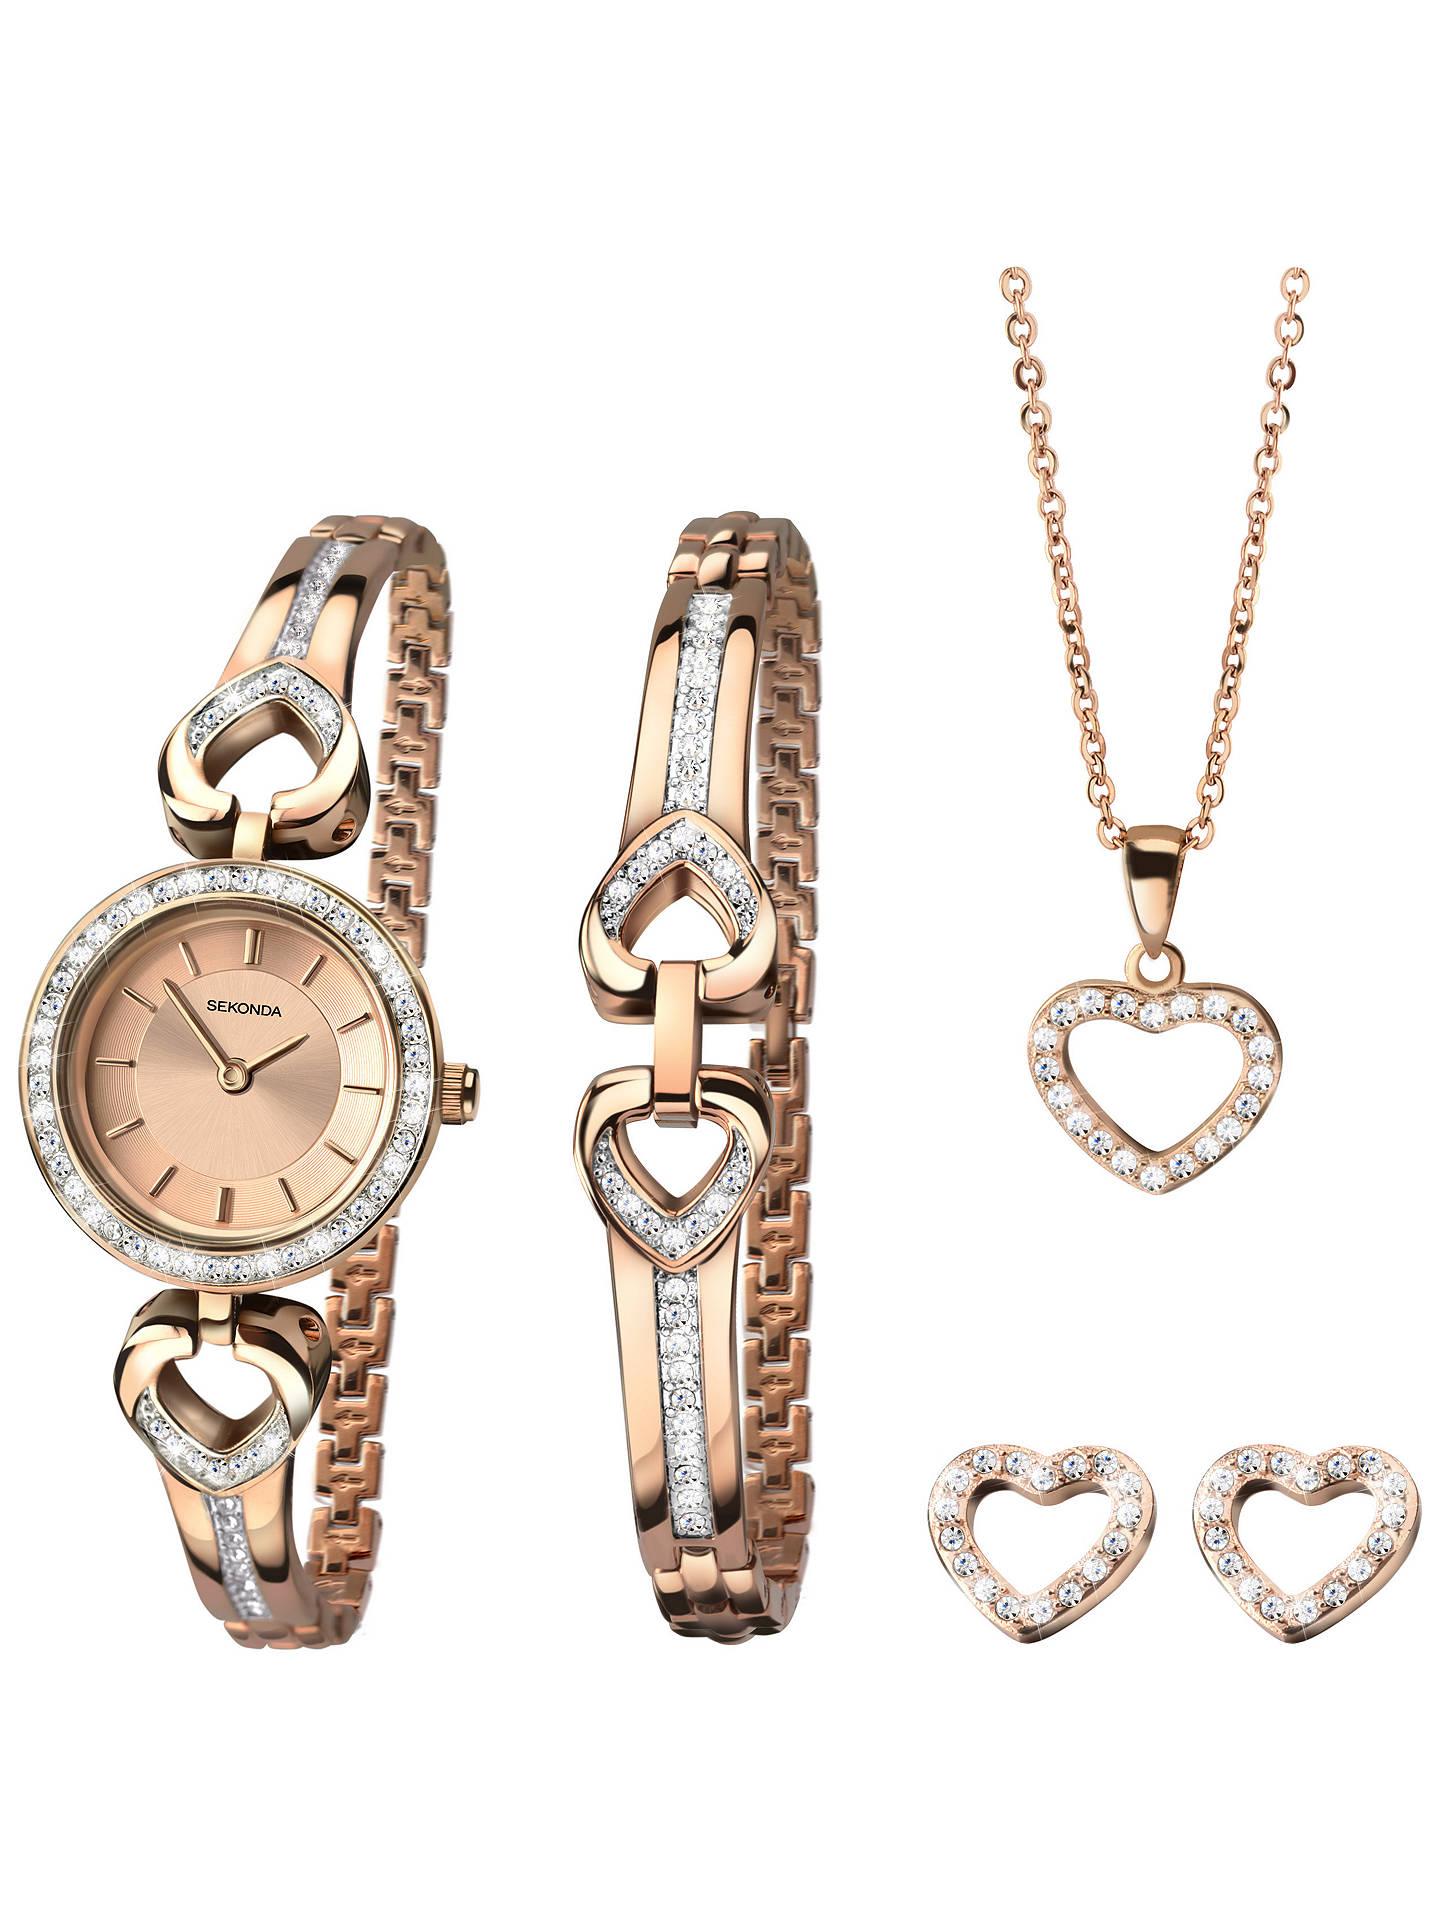 ce4a8e2a01d462 ... Buy Sekonda 2363G Women's Jewellery Strap Watch, Bracelet, Pendant Necklace  and Earrings Gift Set